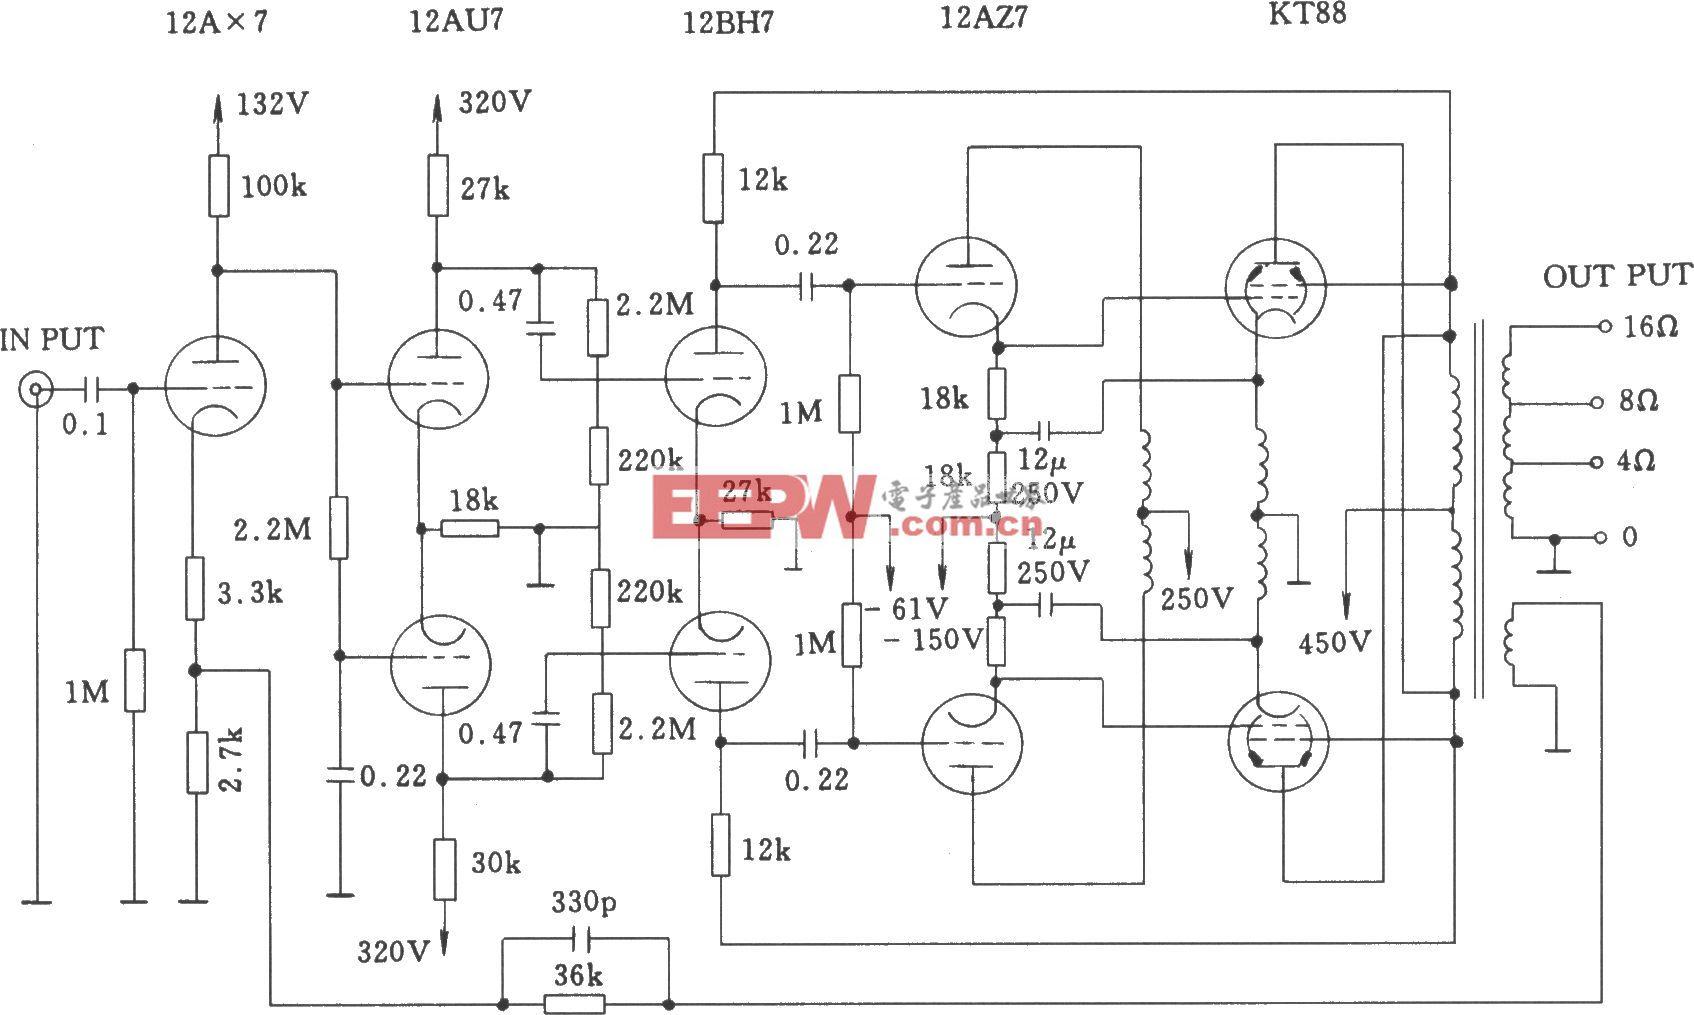 电子管麦景图MC-275(McIntosh 275)功率放大器电路图